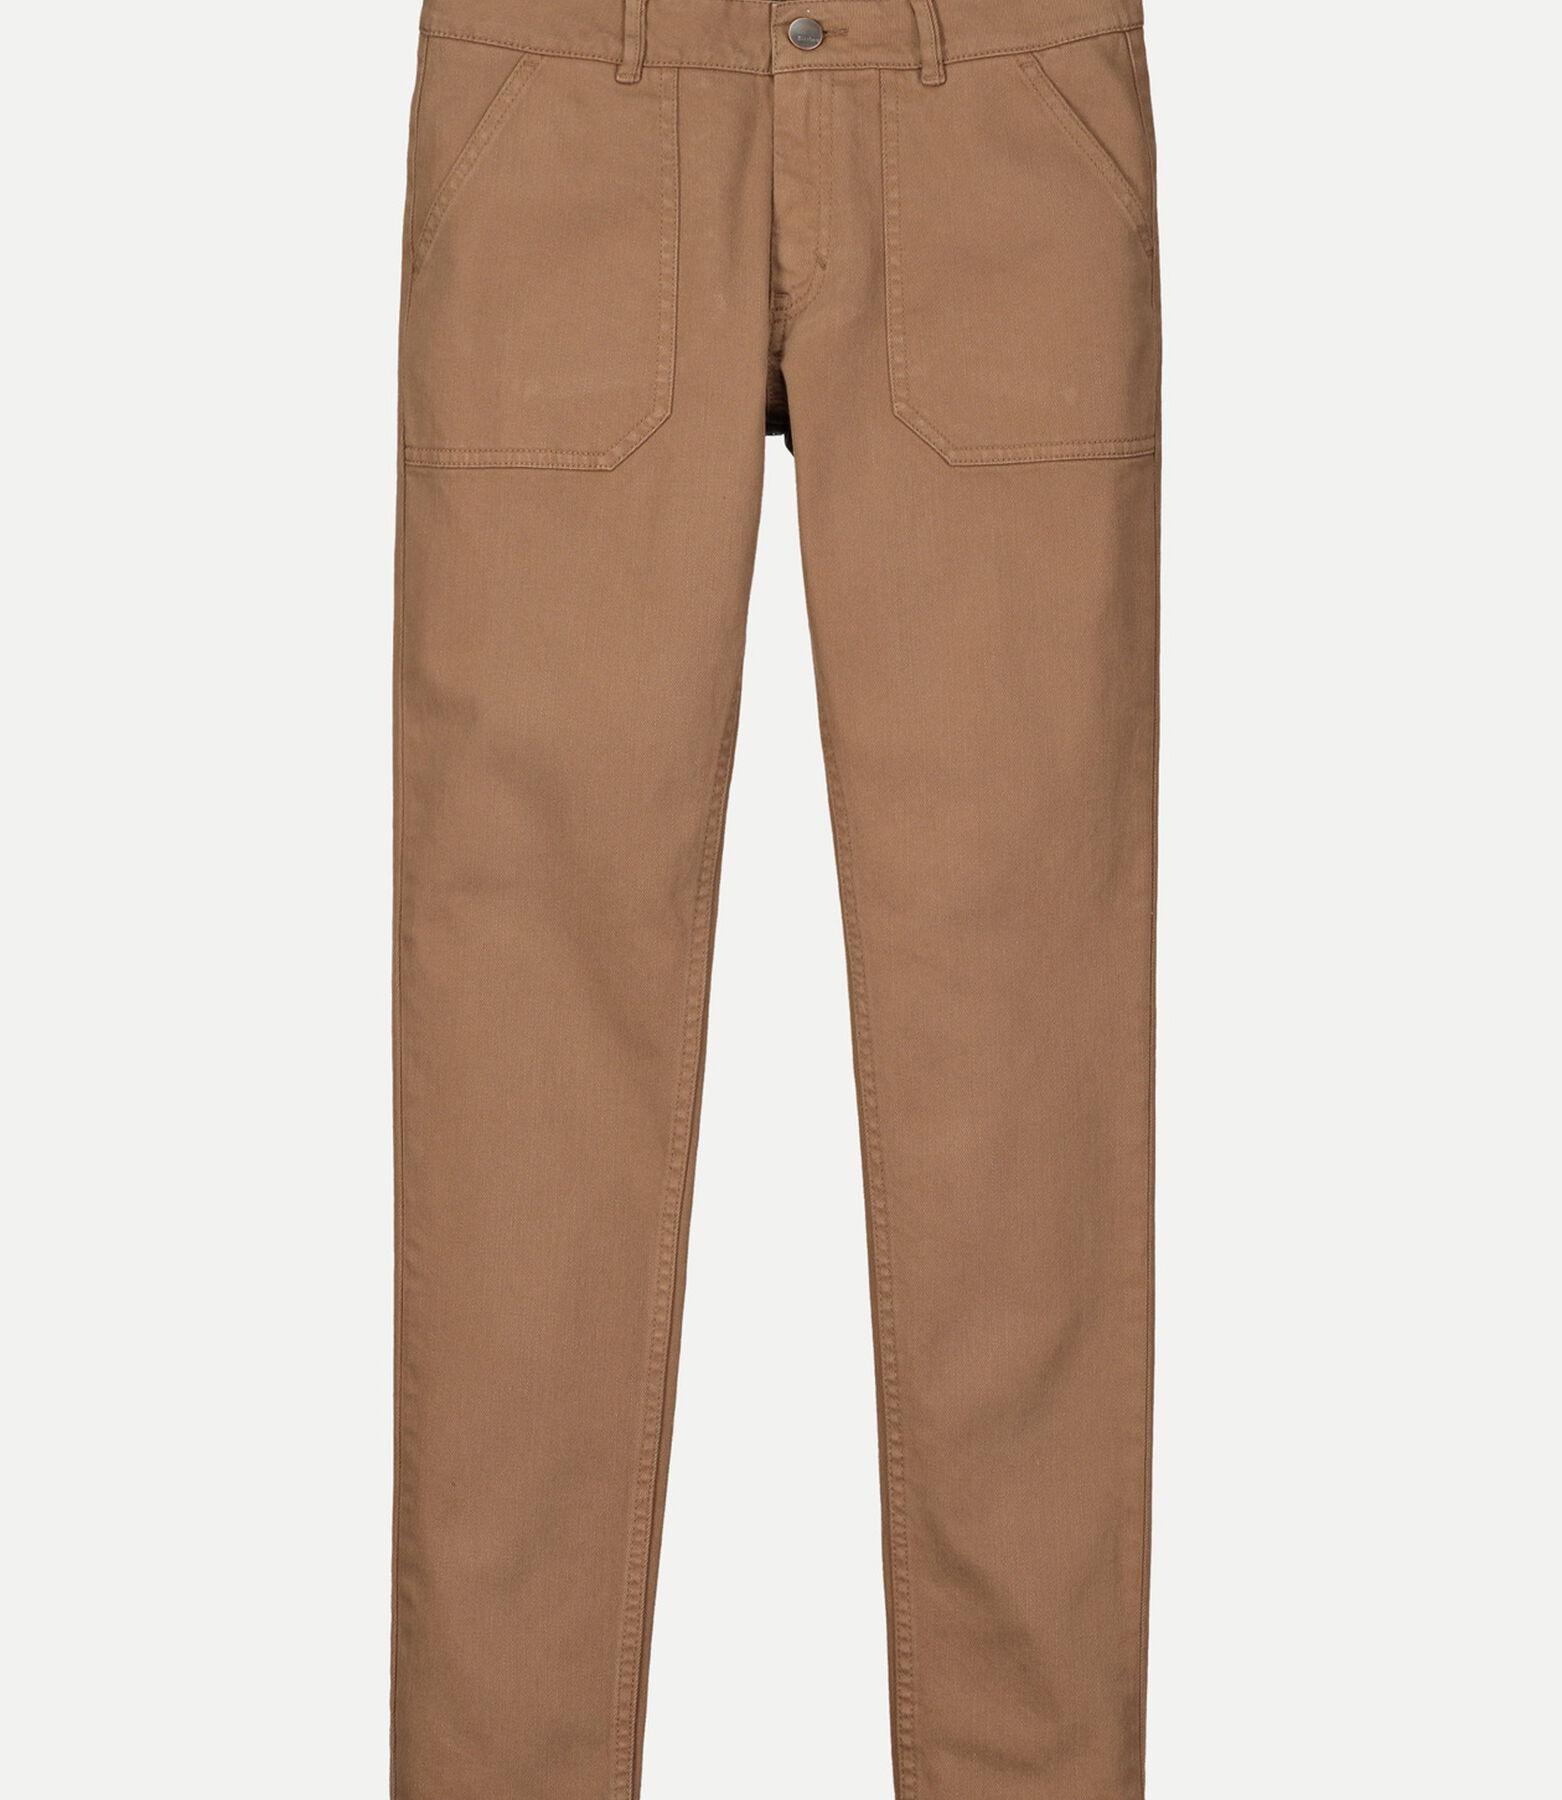 Pantalon chino worker